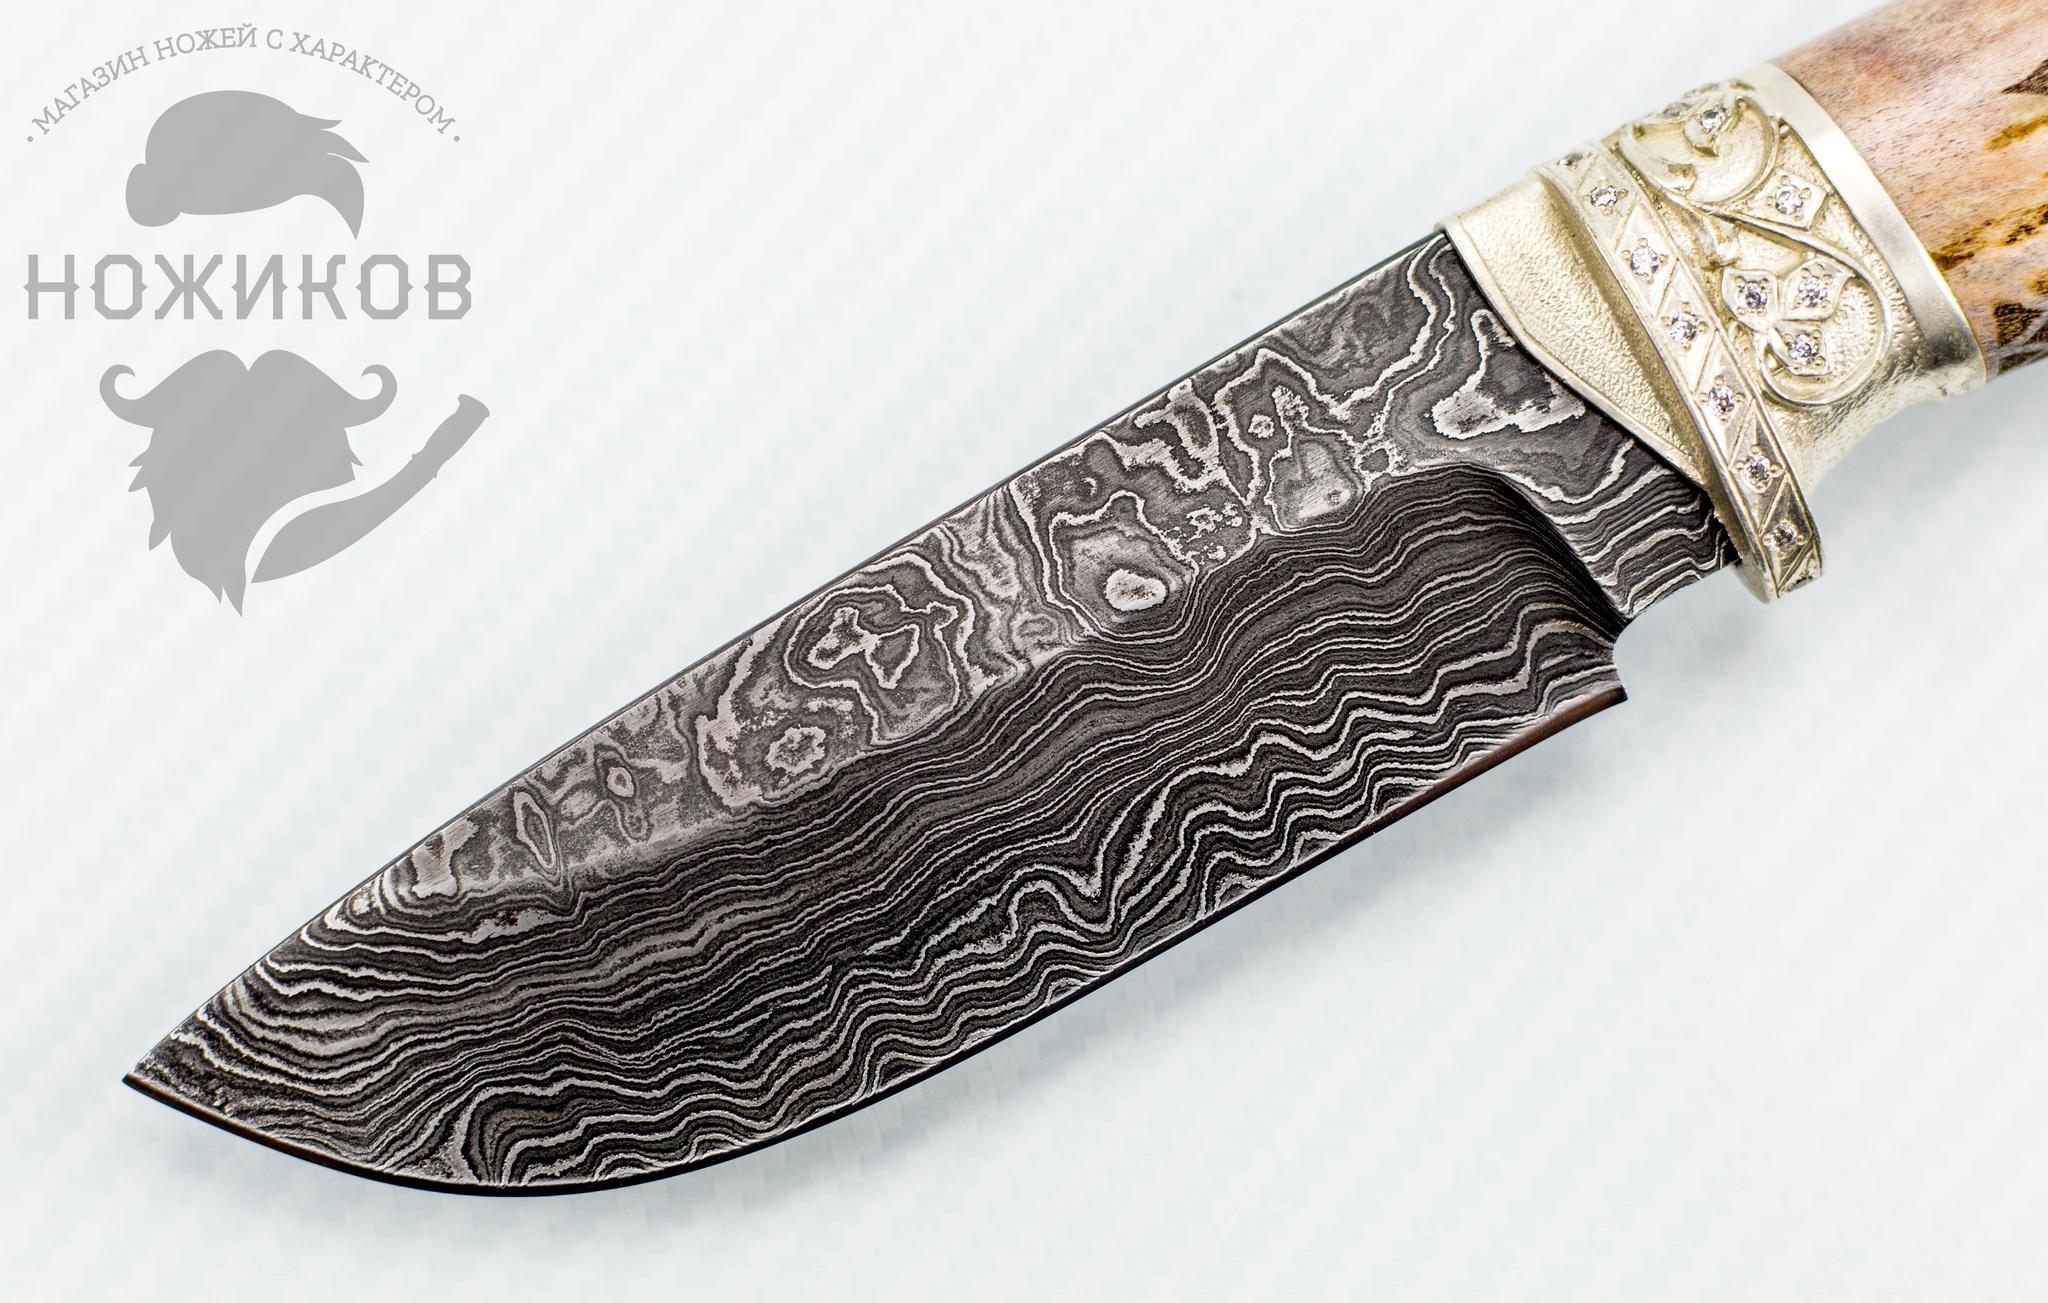 Фото 3 - Авторский Нож из Дамаска №83, Кизляр от Noname